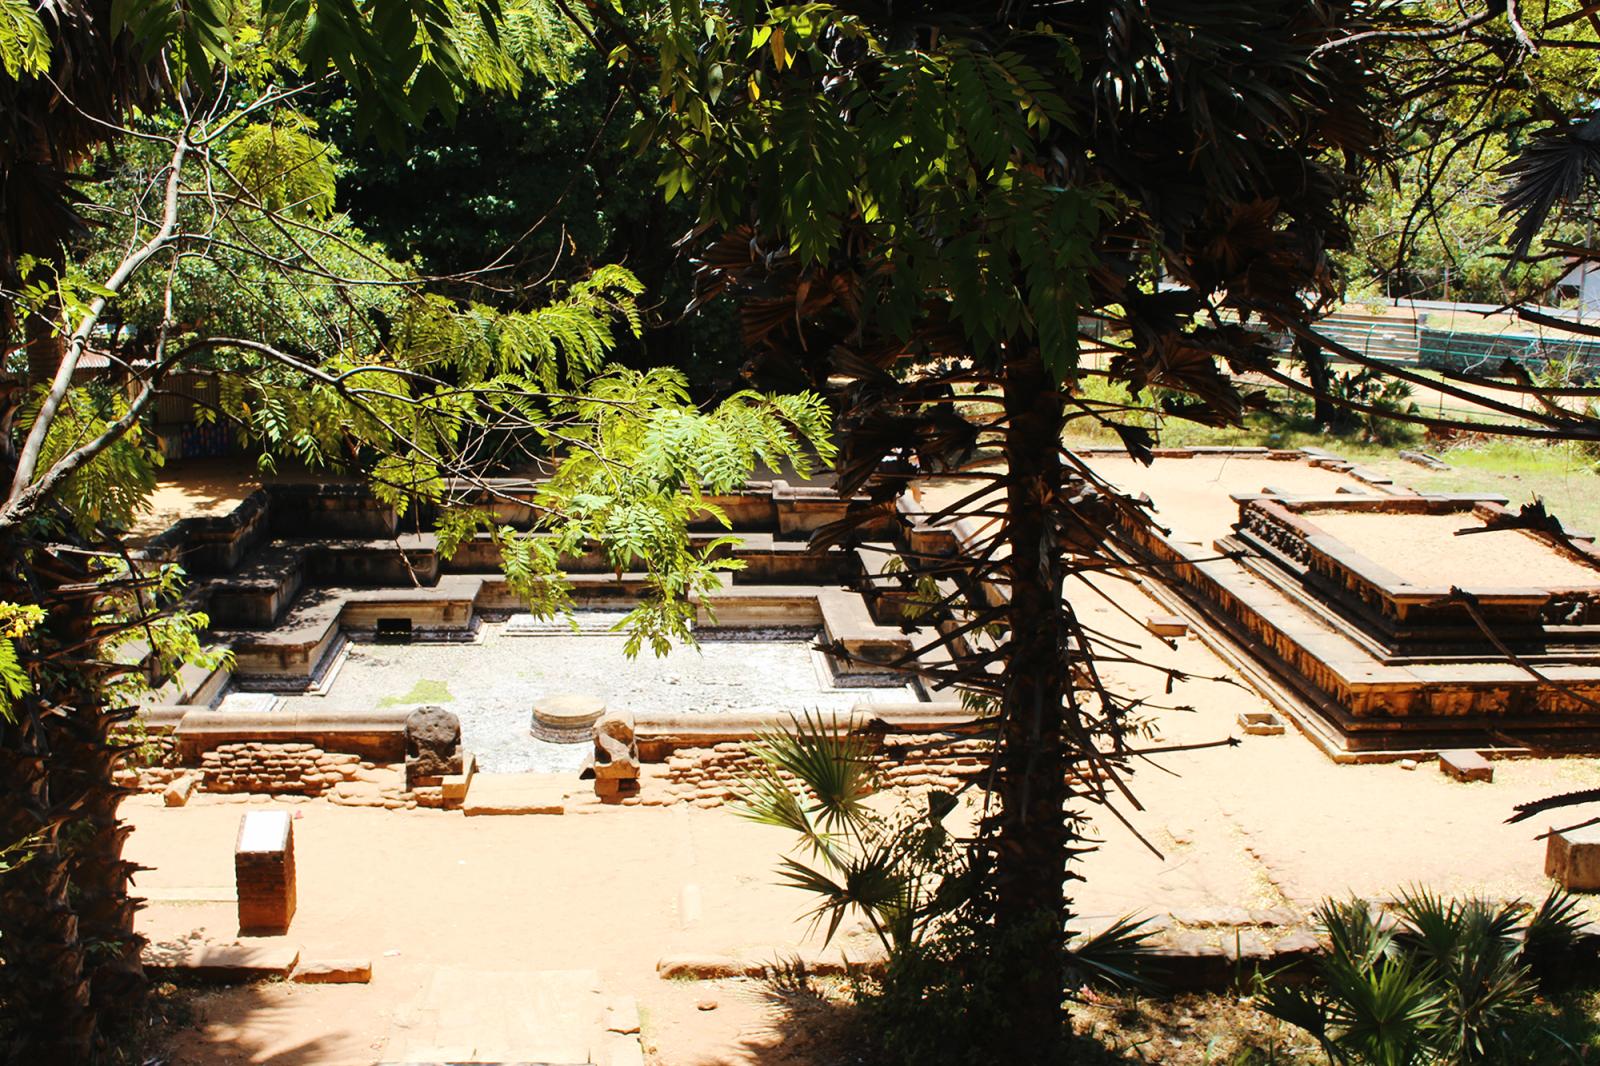 Polonnuruwa Sri Lanka